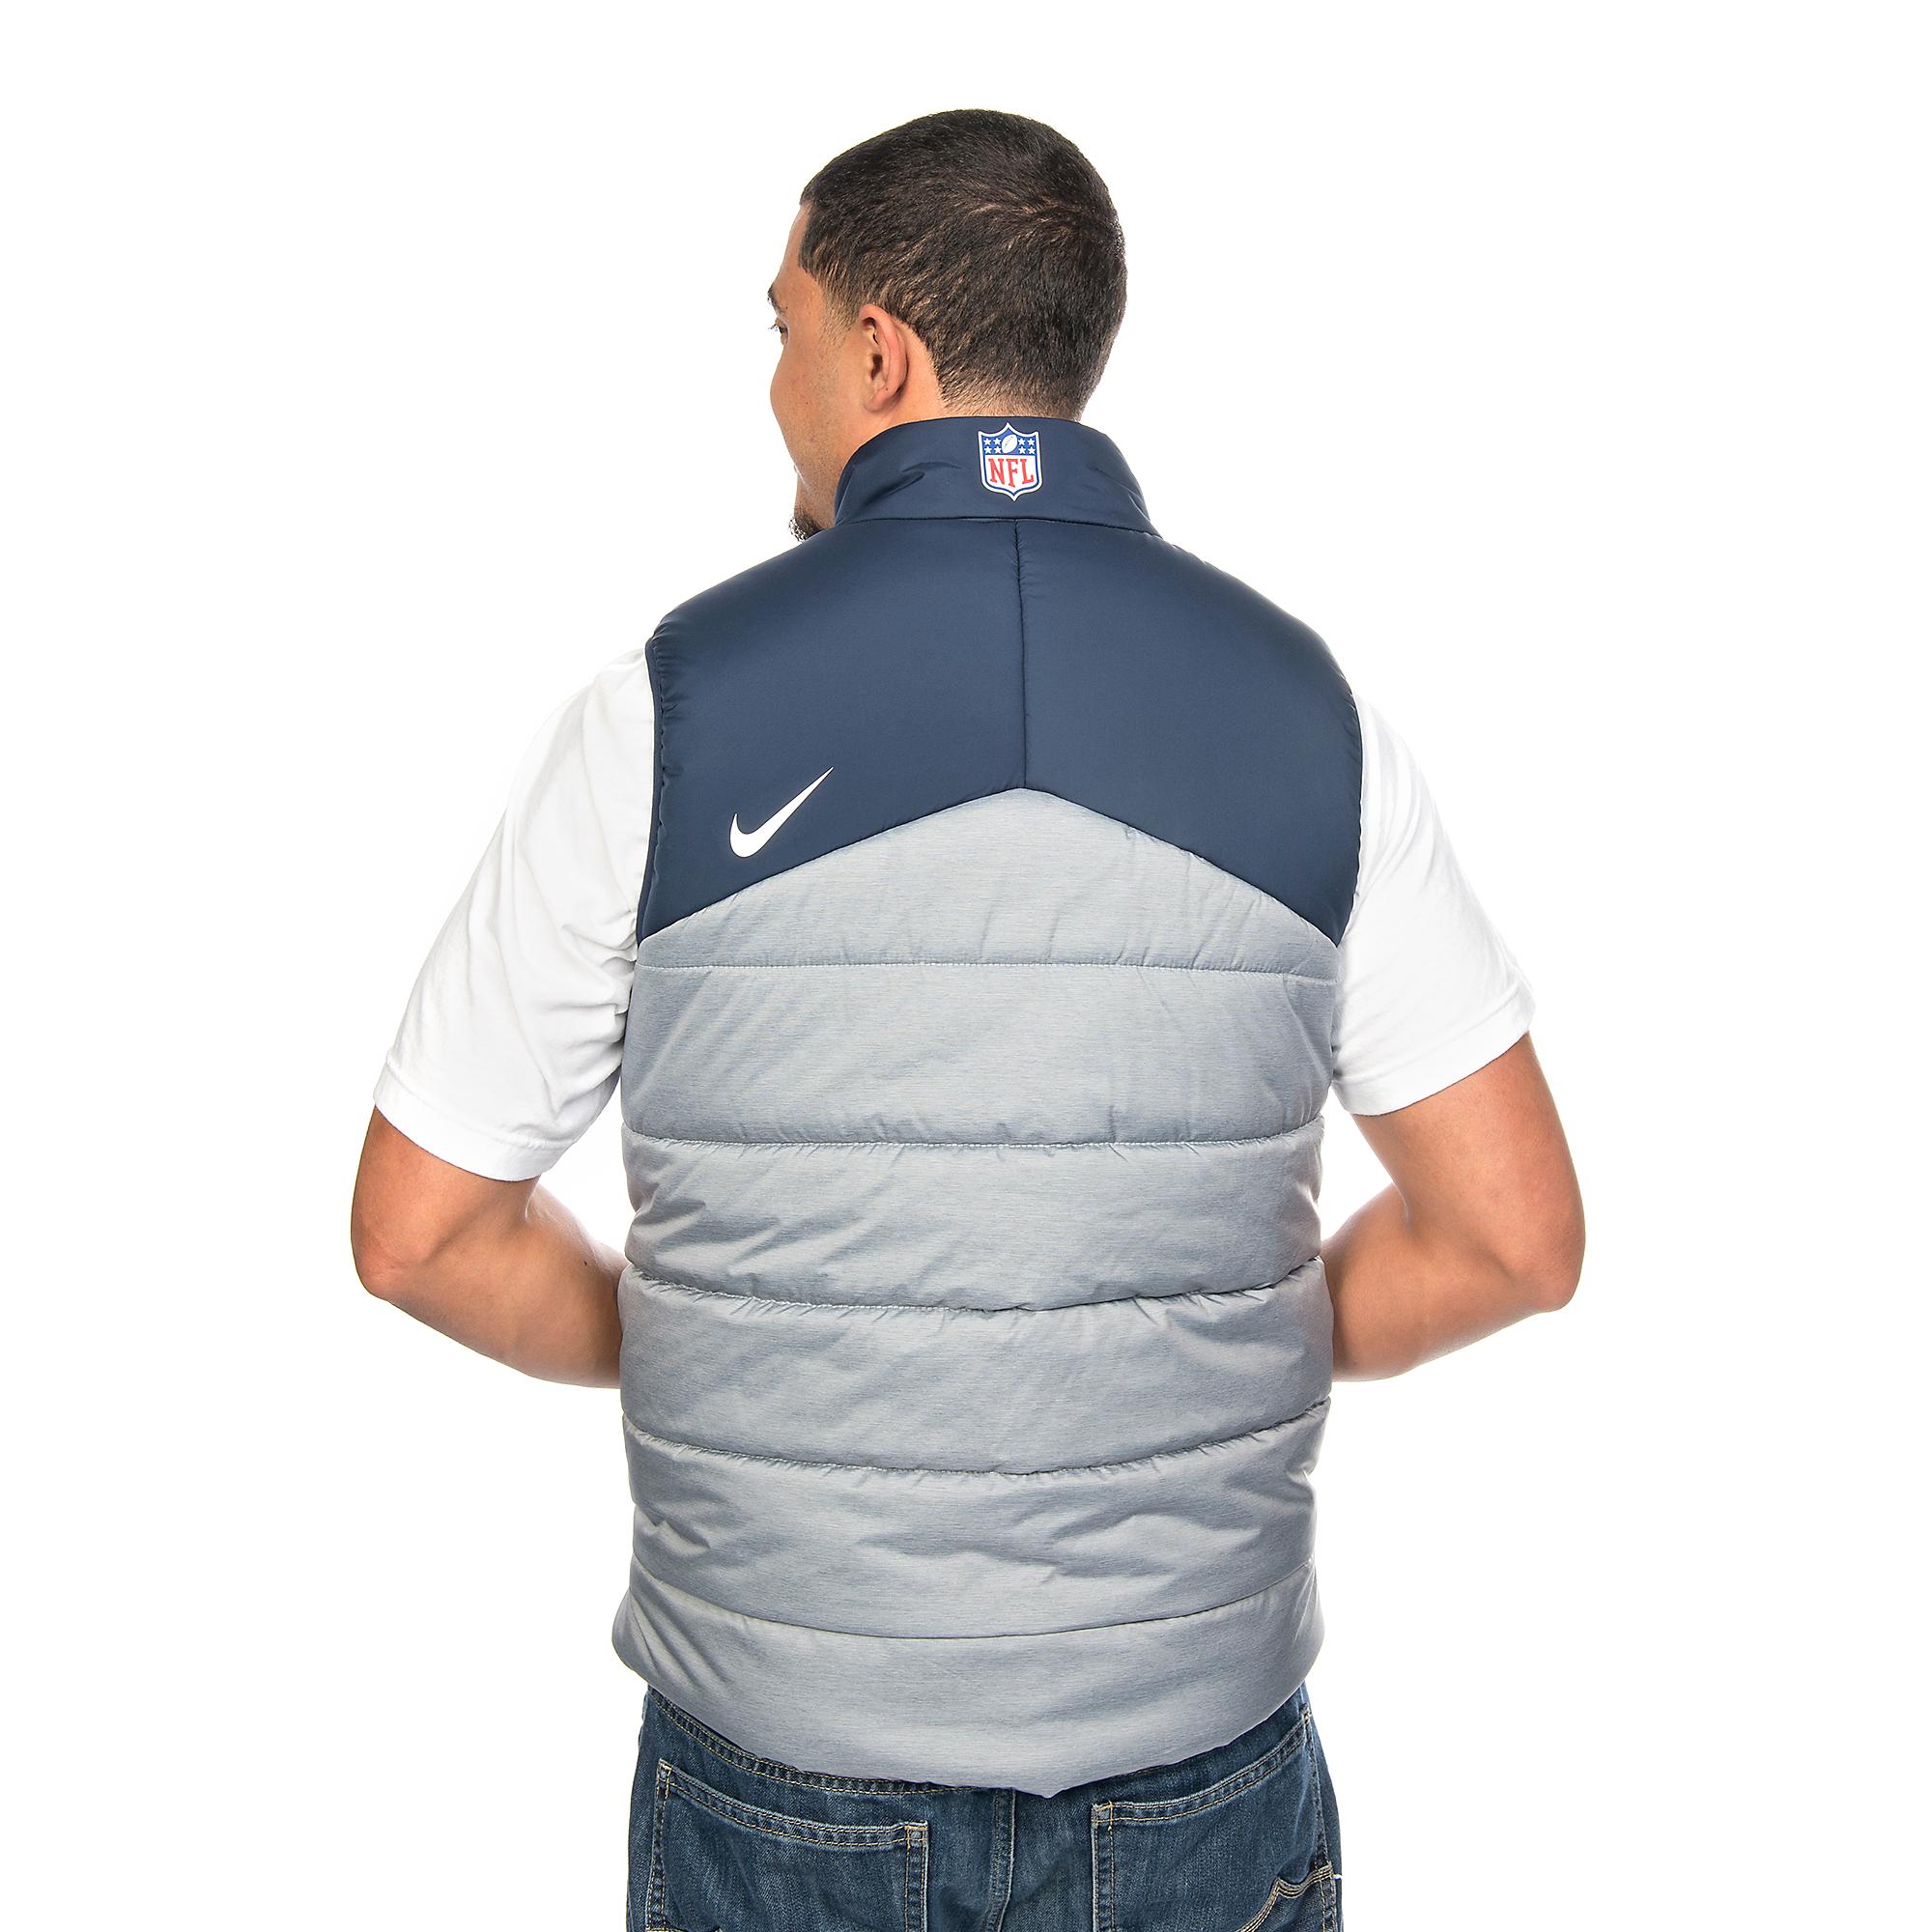 buy popular 7ecdd 6f191 Dallas Cowboys Nike Player Vest | Fans United